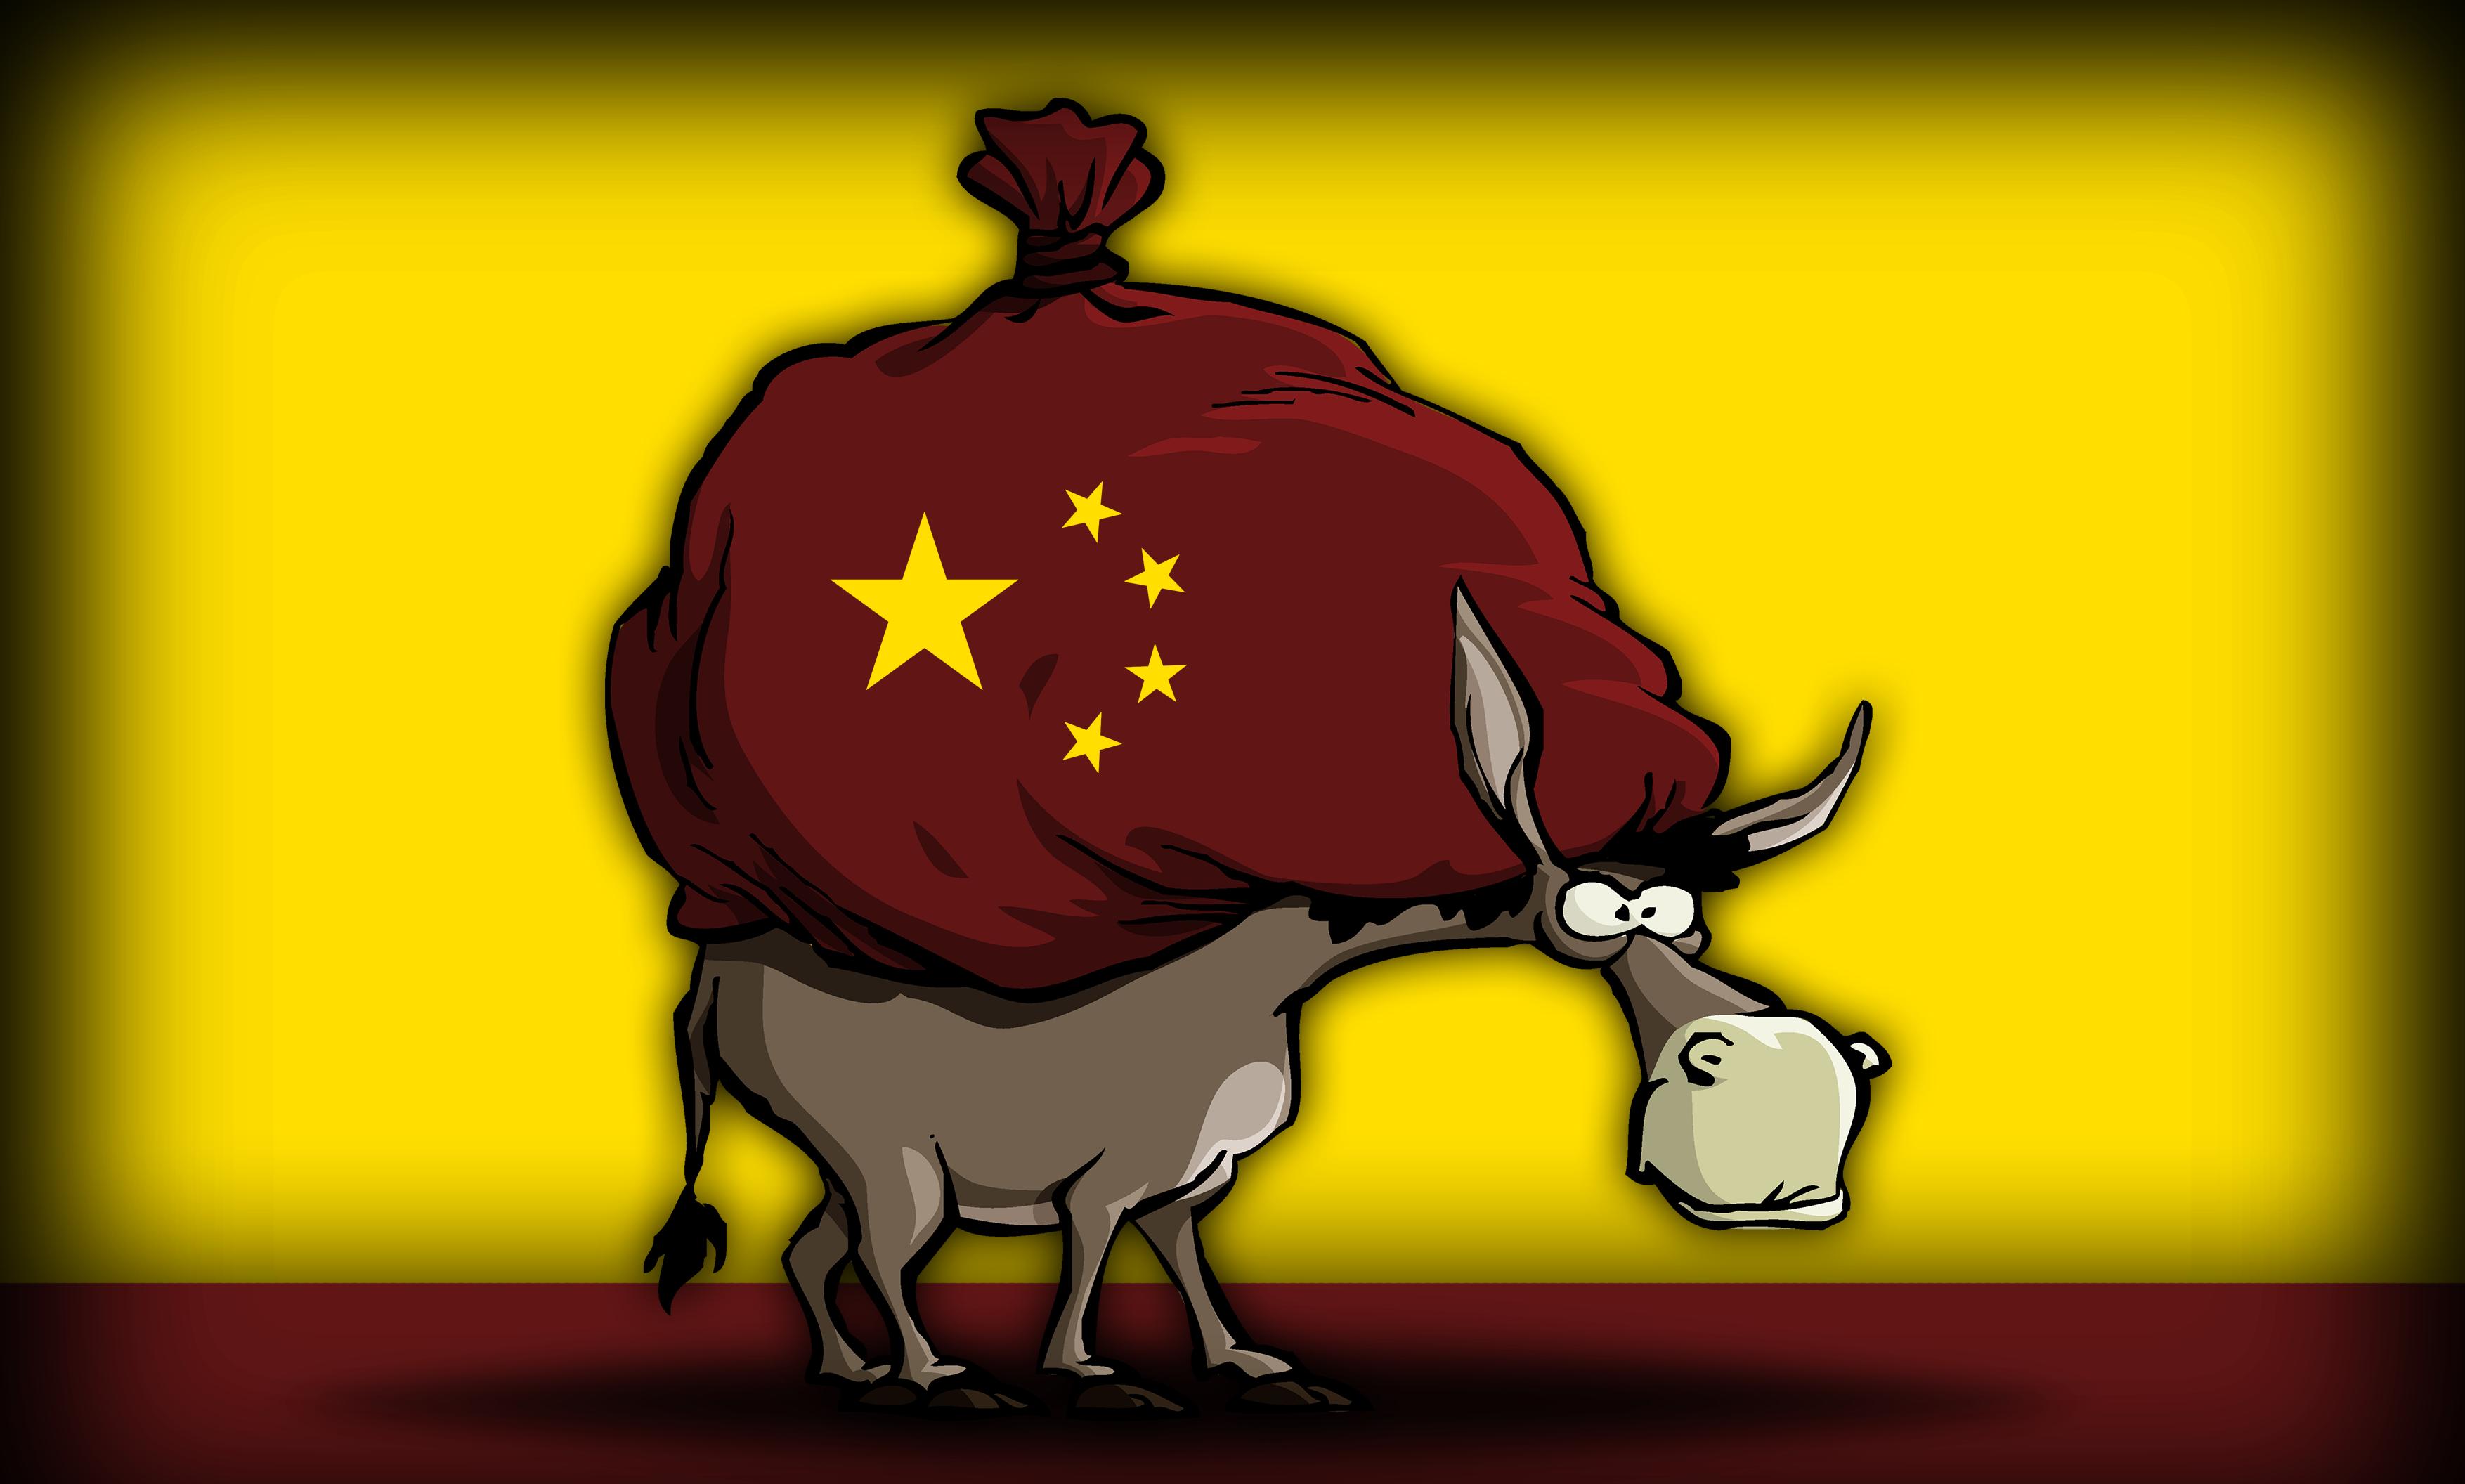 Тәжвирусы: Қытай 62 млрд доллар жоғалтуы мүмкін - на finance.bugin.kz